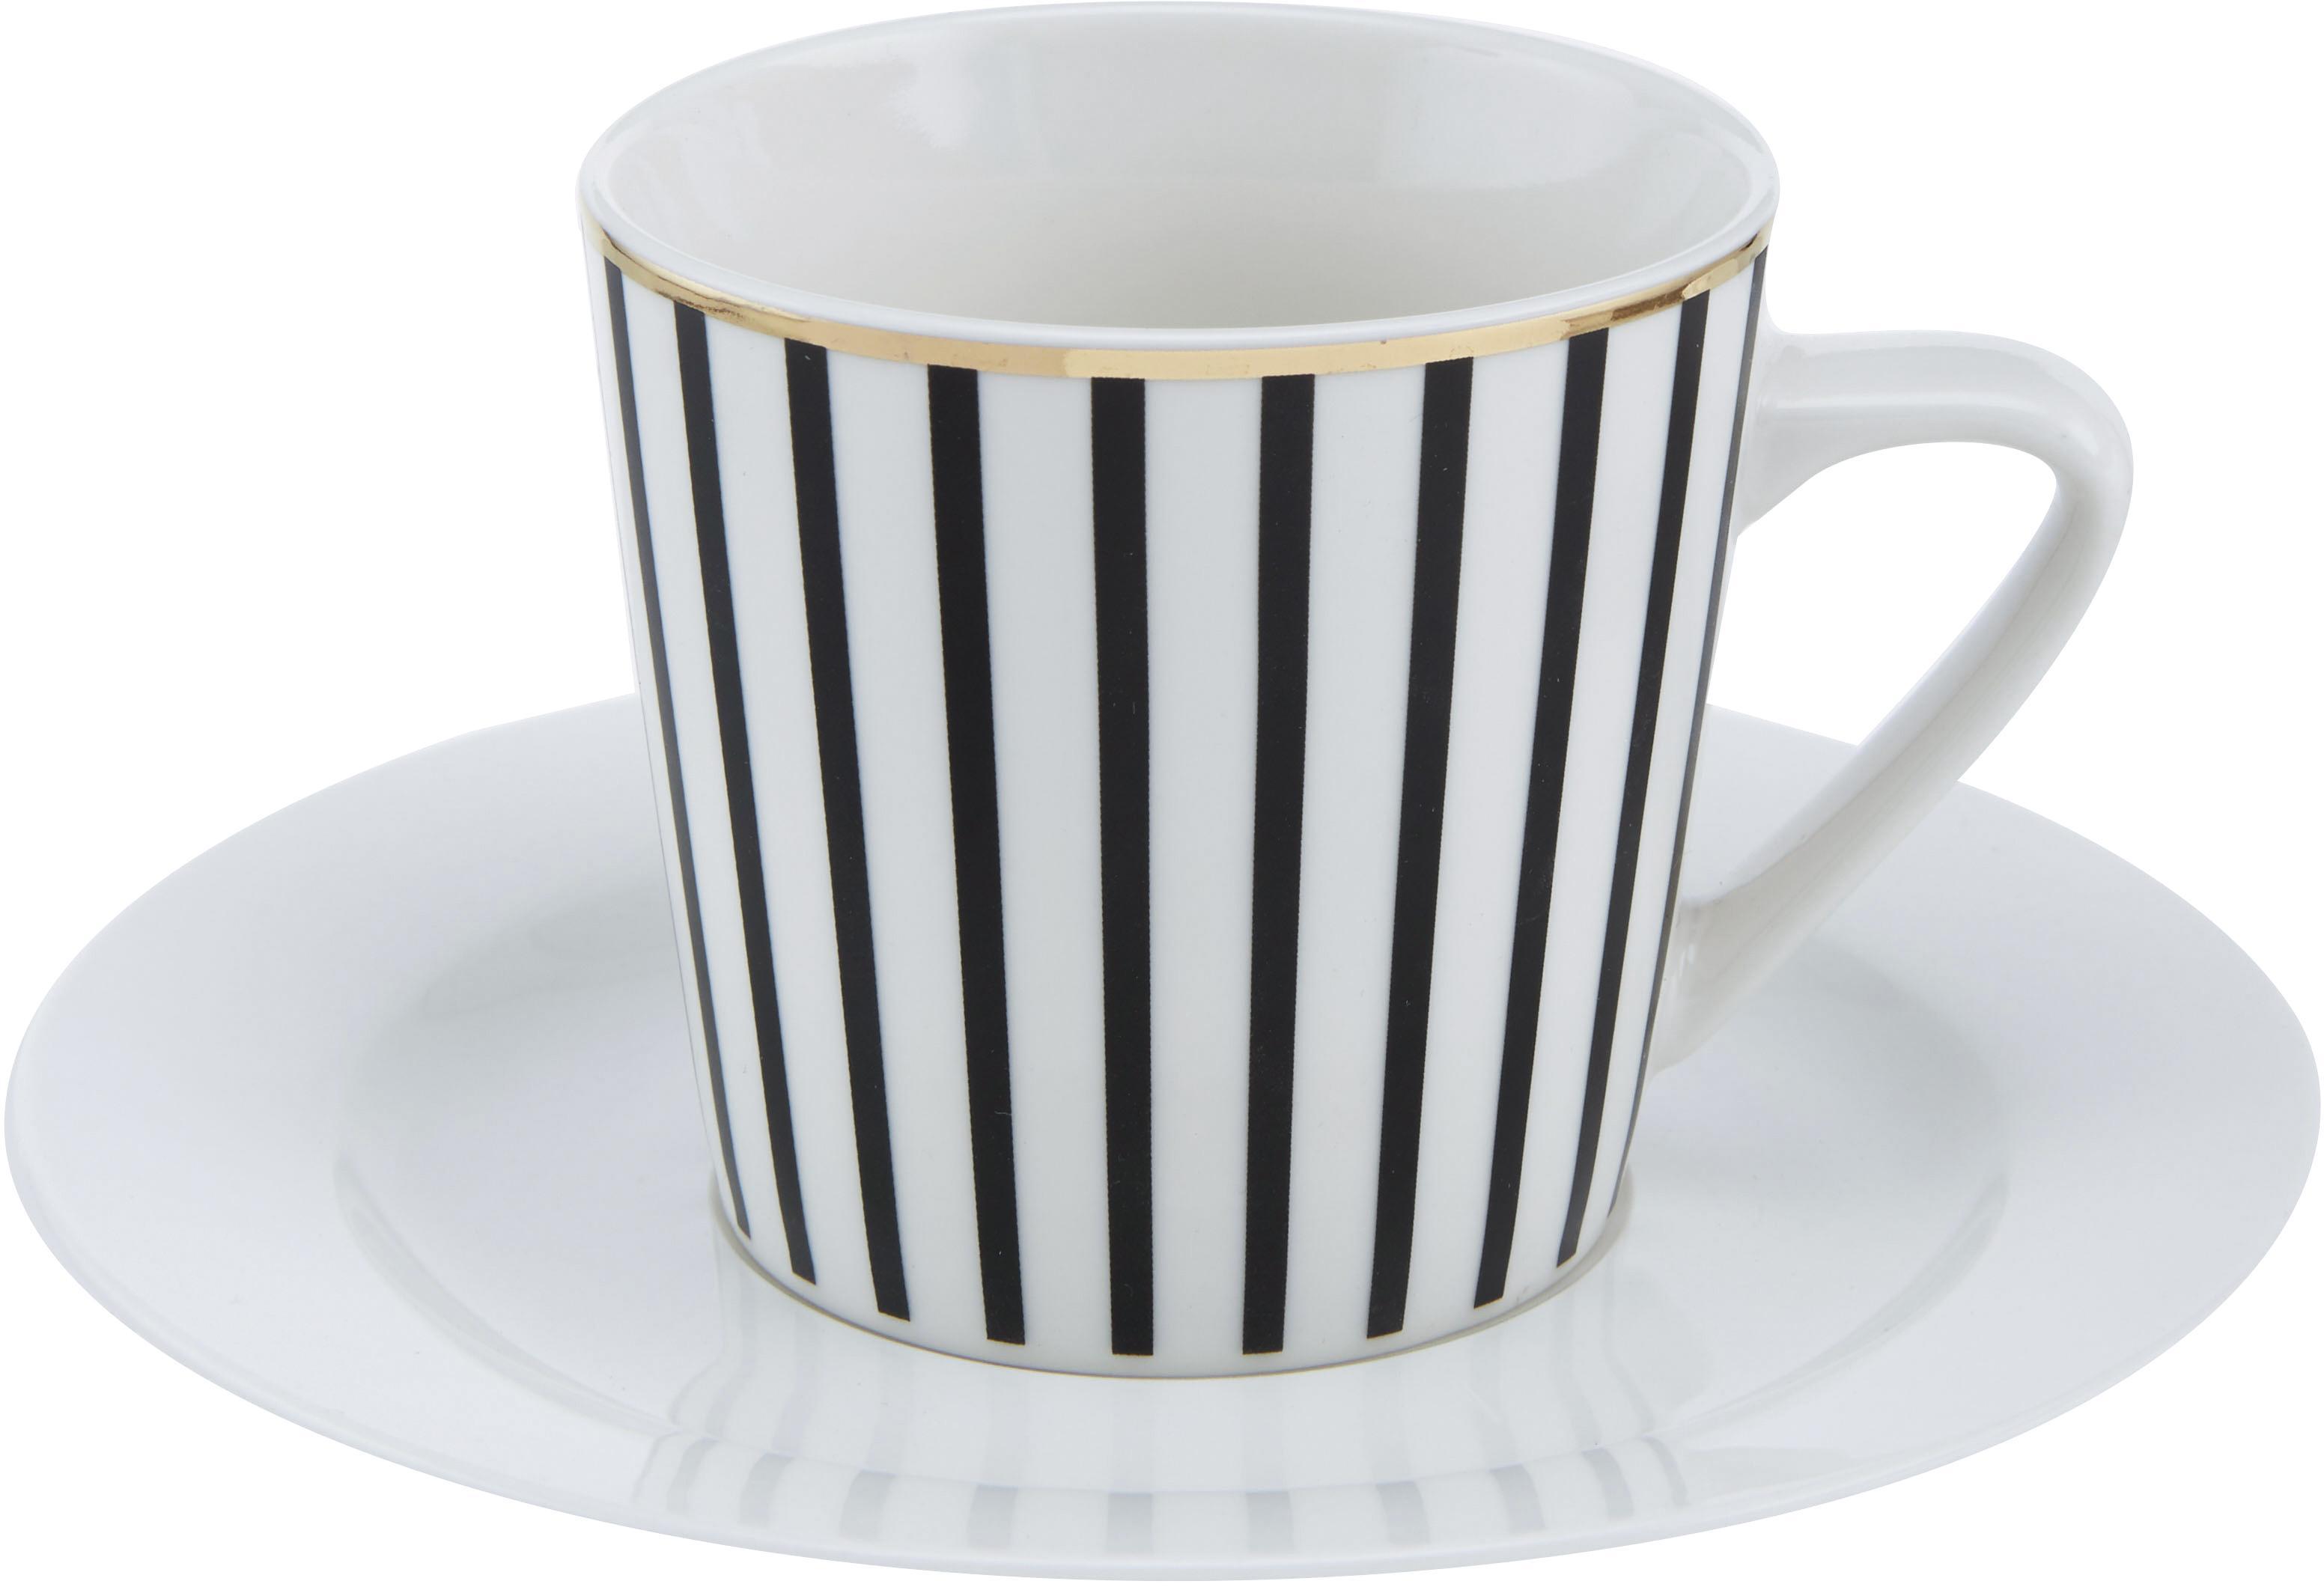 Tasse mit Untertassen Pluto Loft, mit Streifendekor und Goldrand, 4 Stück, Porzellan, Schwarz, Weiß, Goldfarben, Ø 8 x H 8 cm